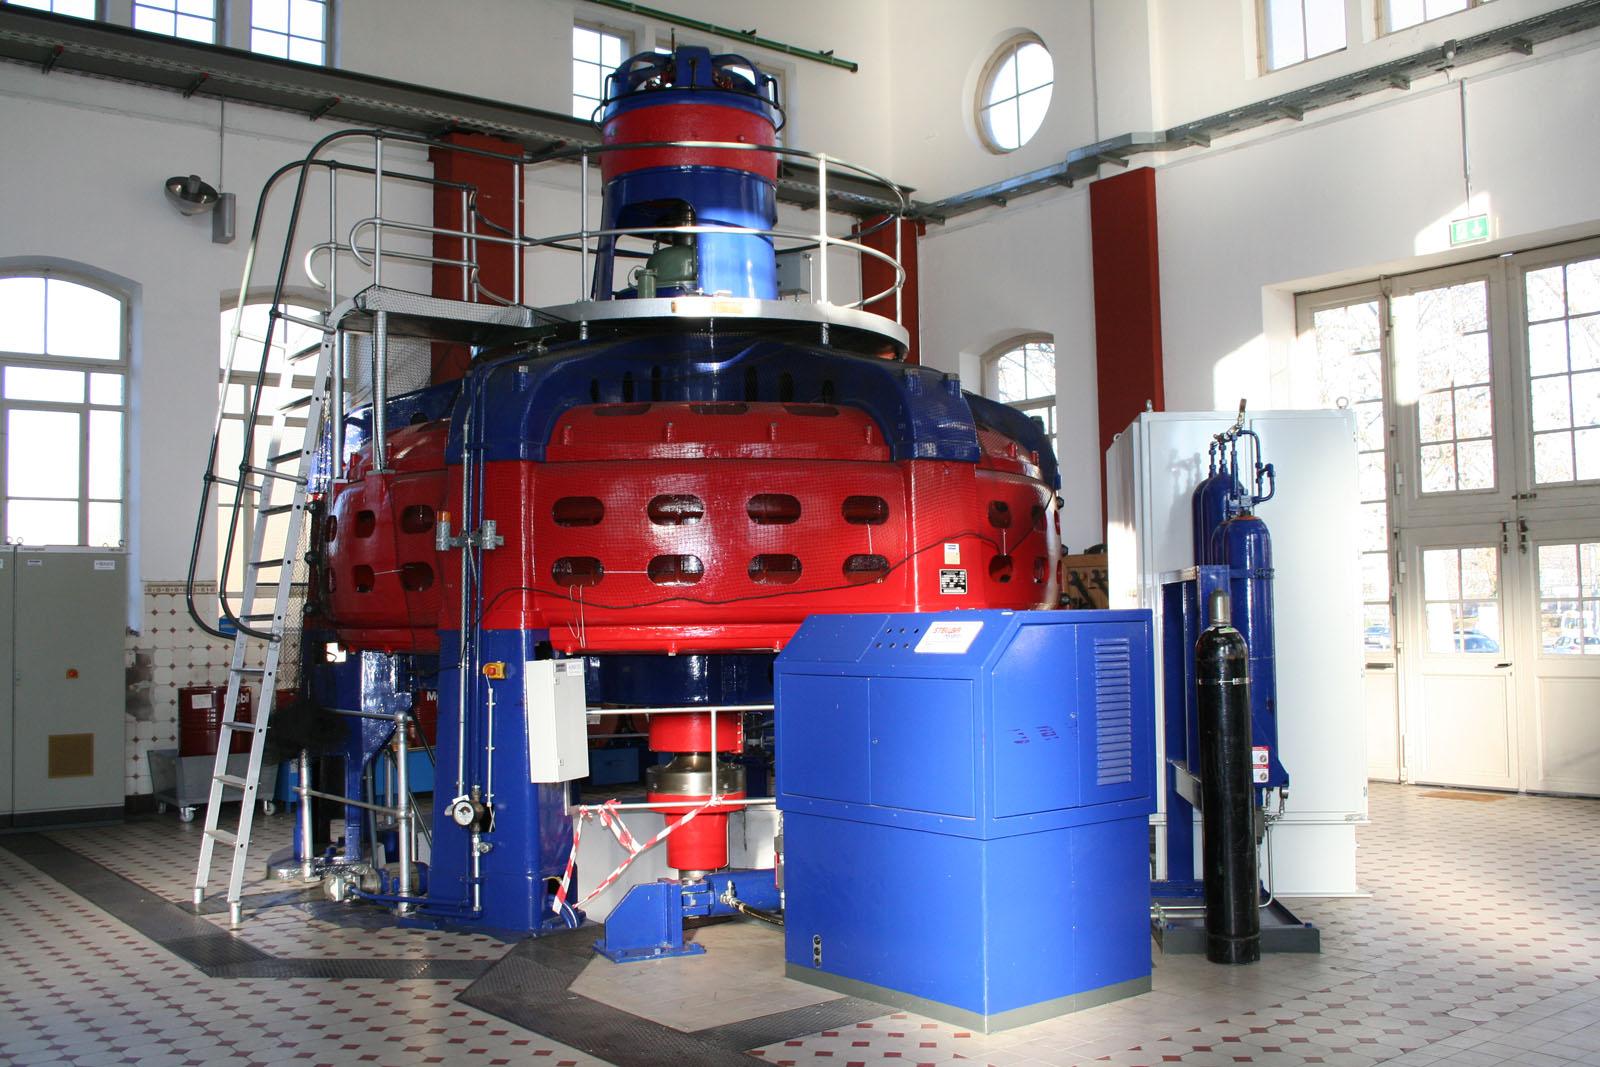 Lange Nacht der Museen Stuttgart - Wasserkraftwerk UT Rundgang